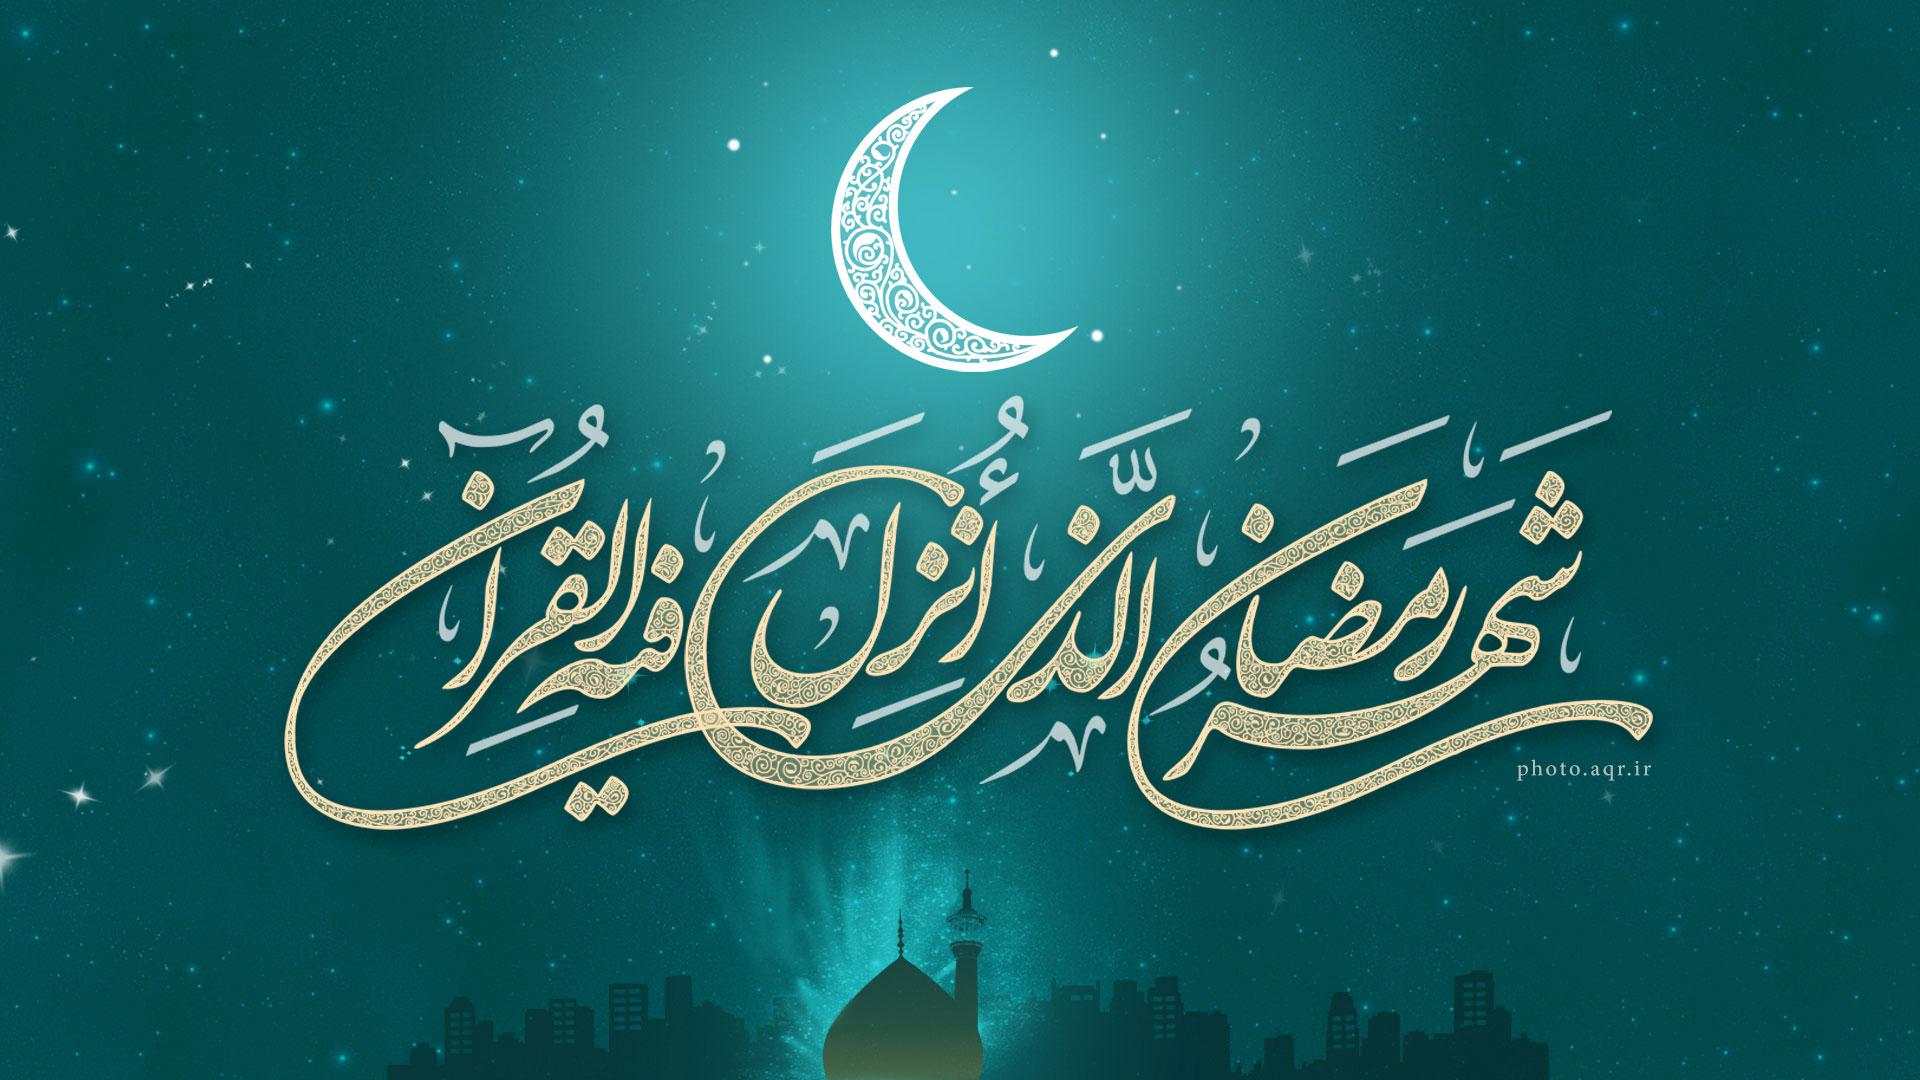 دعای روز سیام ماه رمضان + شرح دعای آخرین روز رمضان